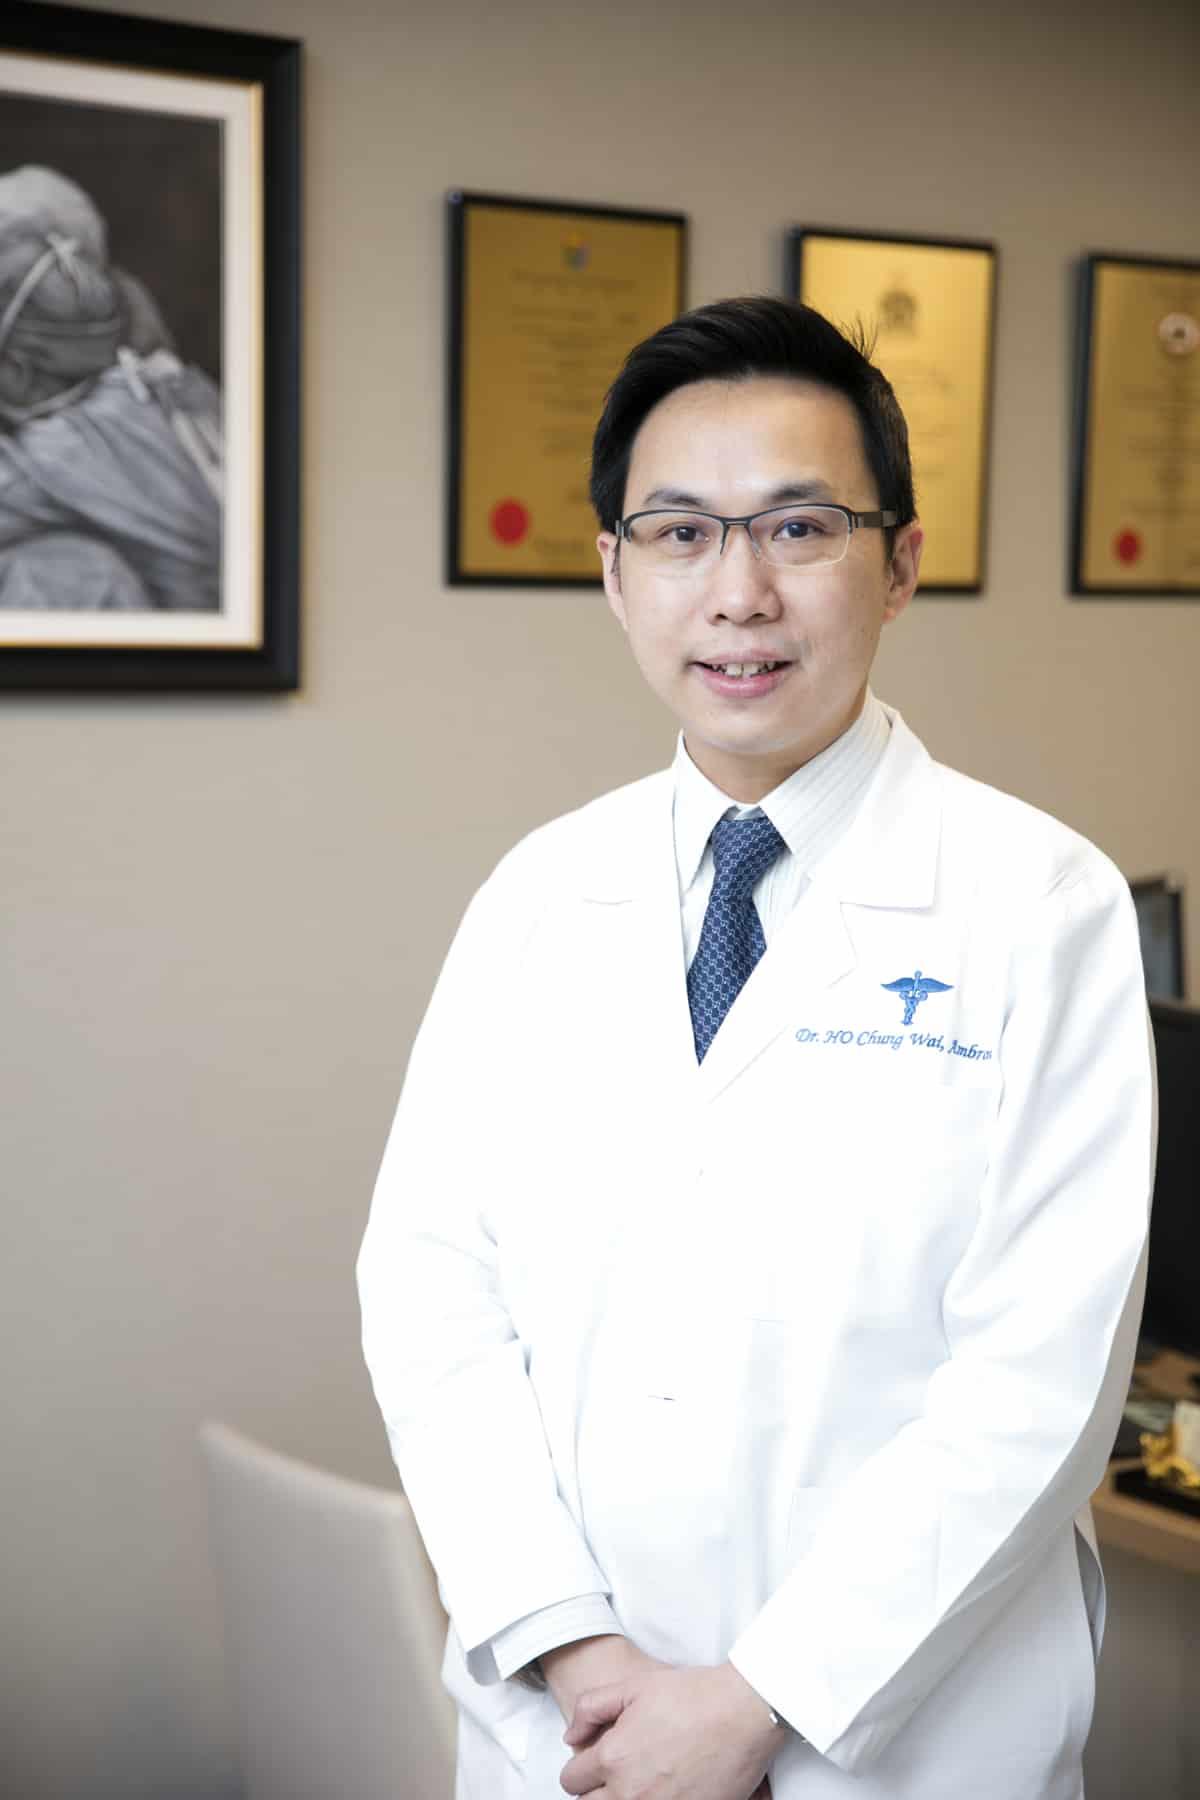 耳水不平衡原因?頭暈怎辦?耳鼻喉科醫生拆解耳水不平衡3個徵狀、治療和自救方法